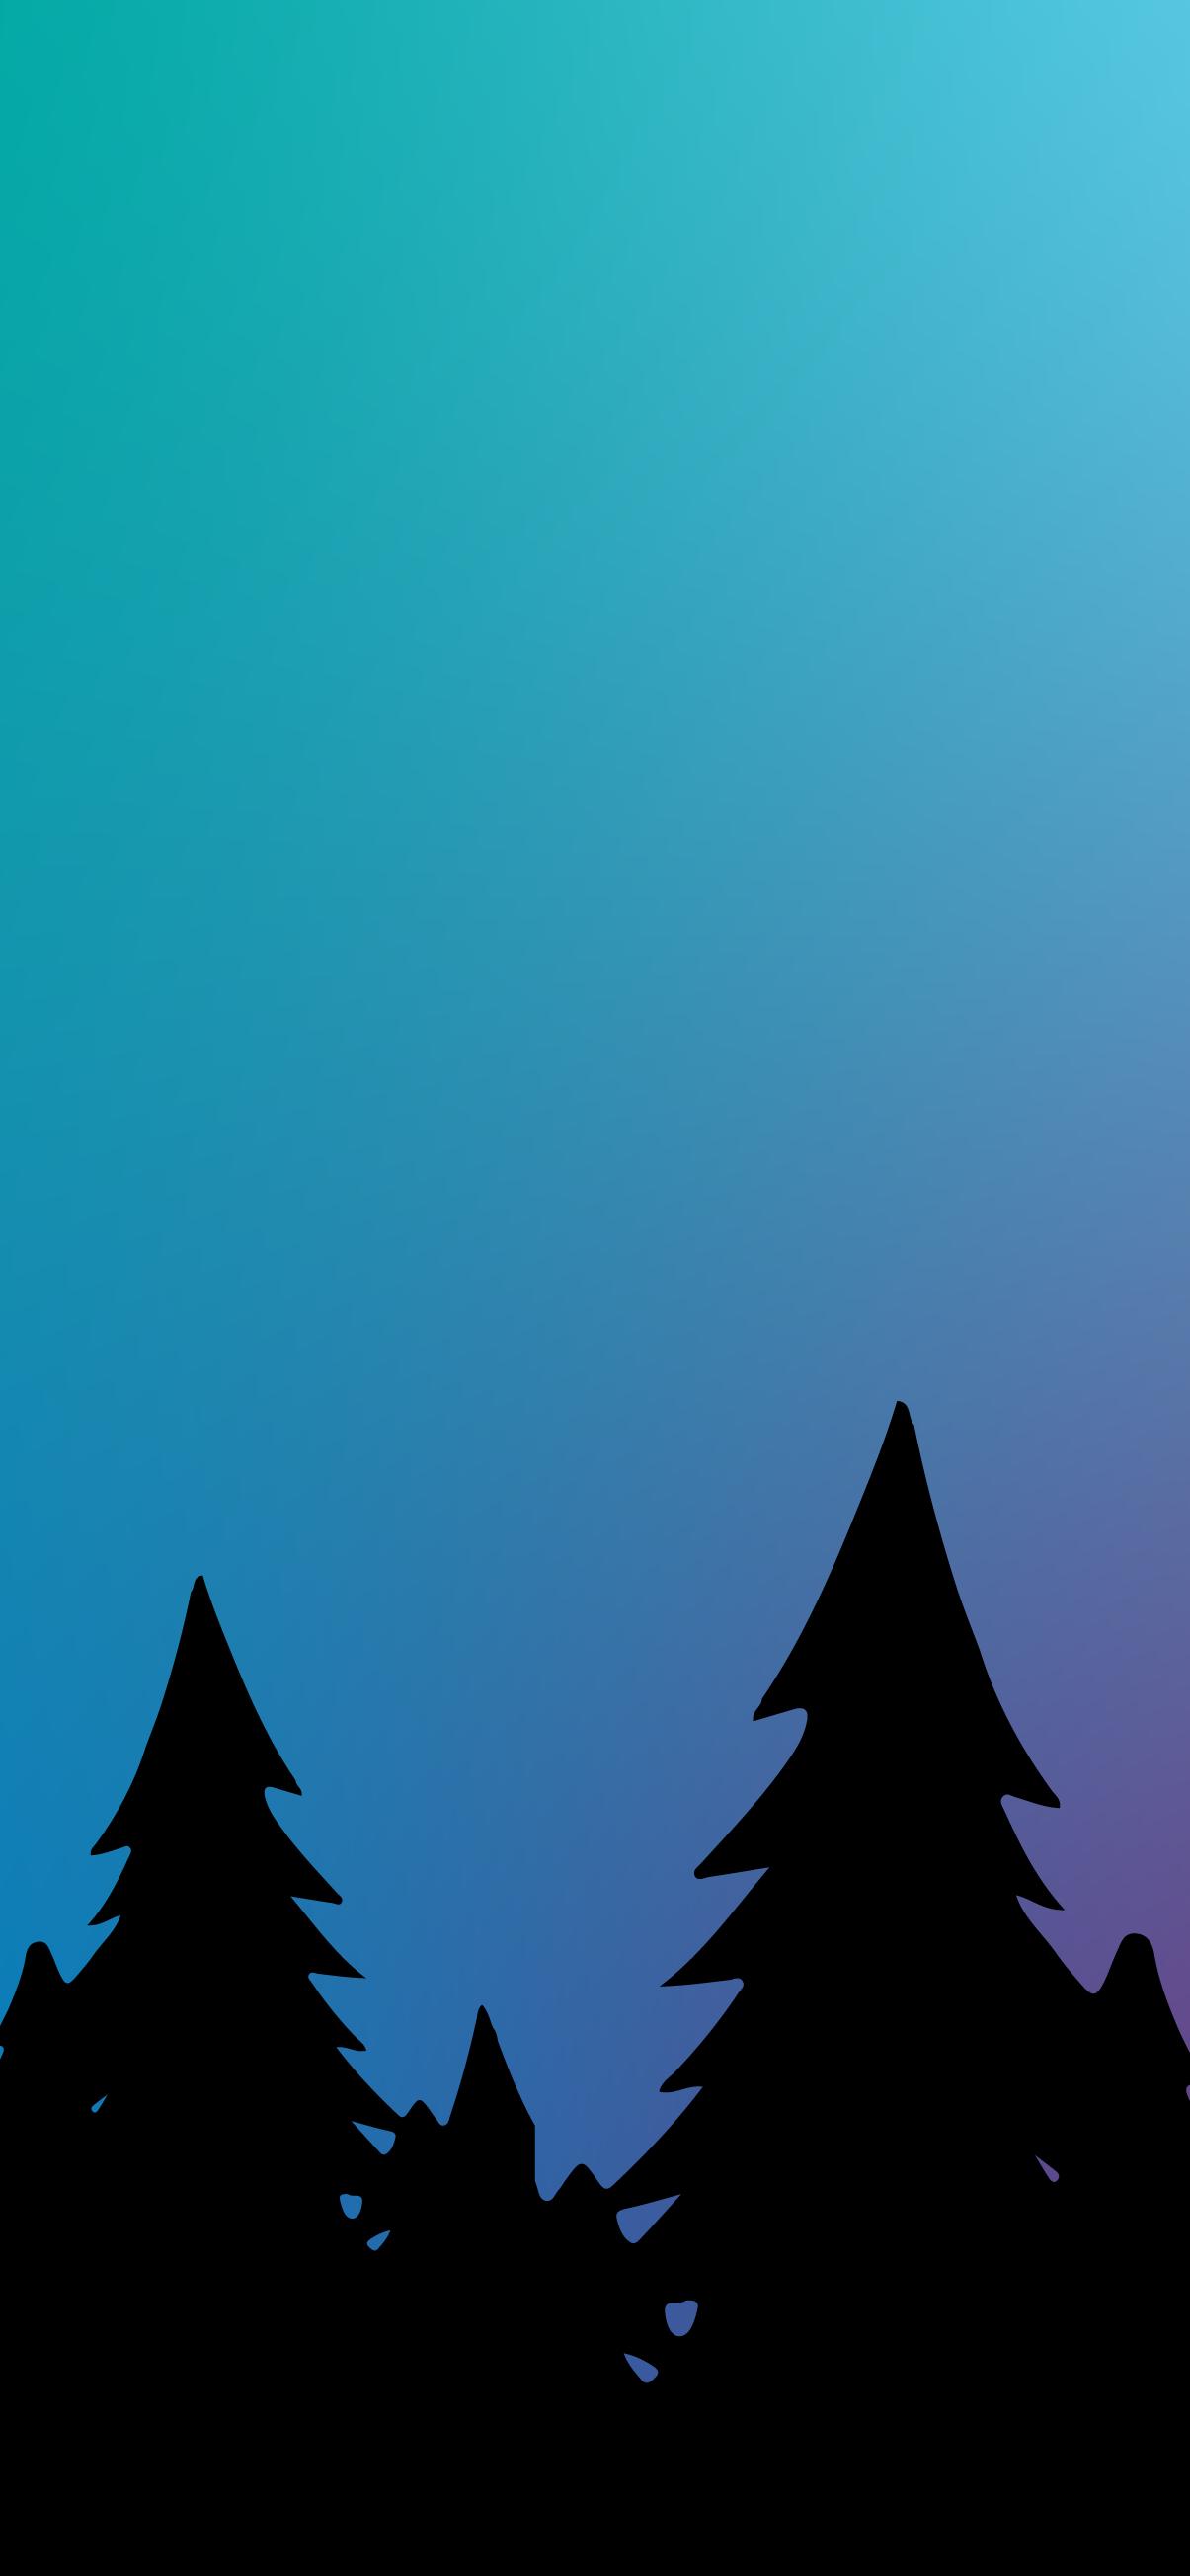 Phone Wallpaper 4k Heroscreen Cool Wallpapers